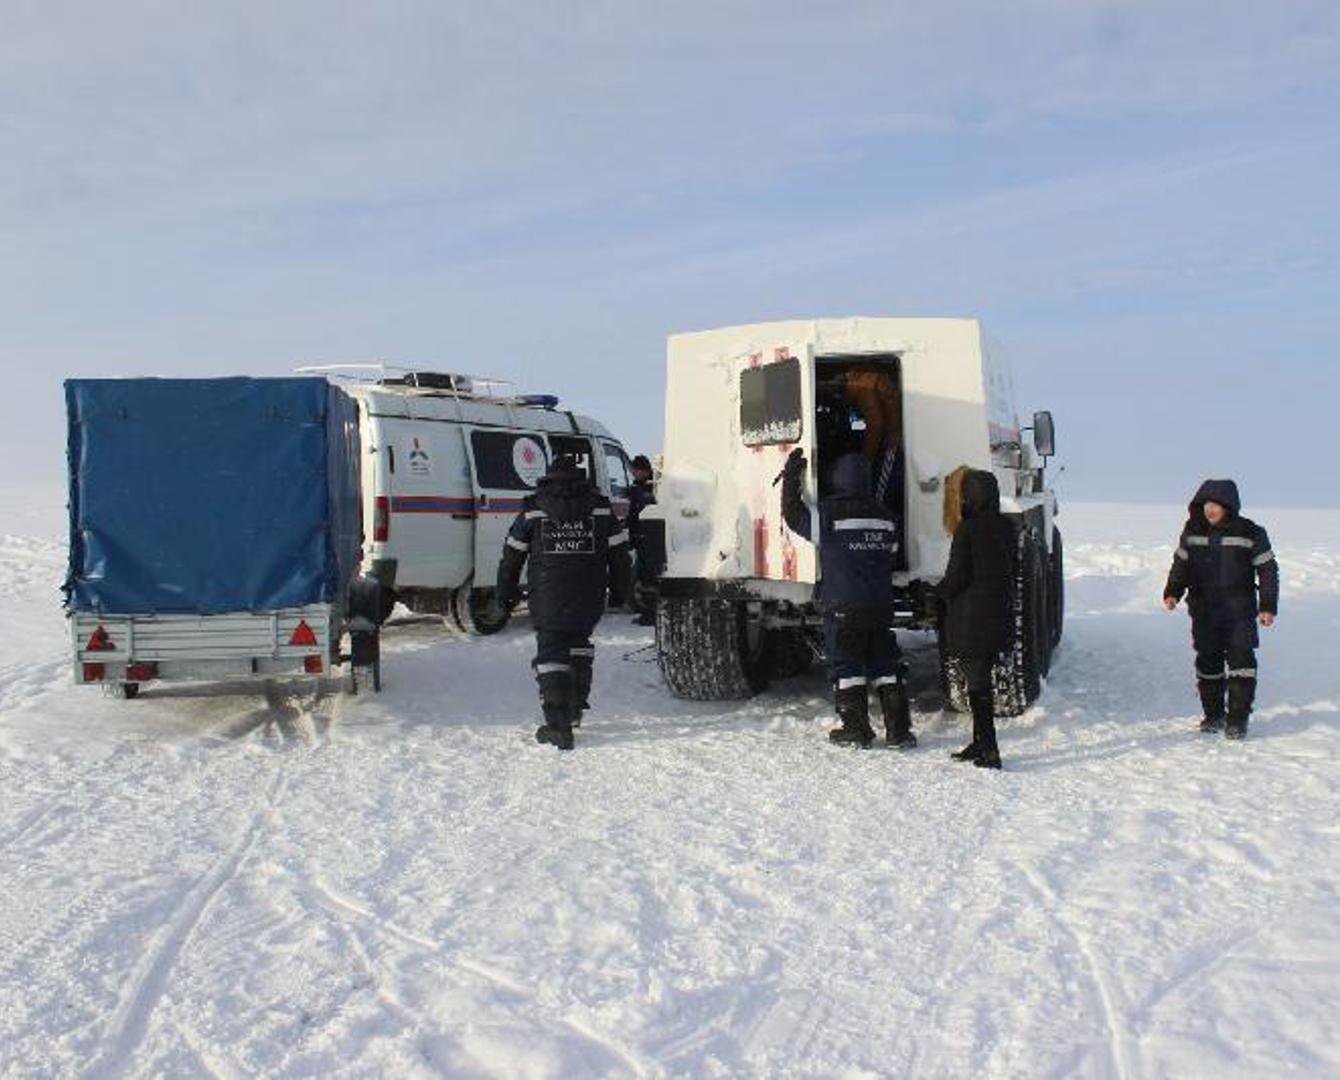 Жолда қалған 150 жуық қырғыз және өзбек  азаматтары құтқарылды - Ақмола облысы